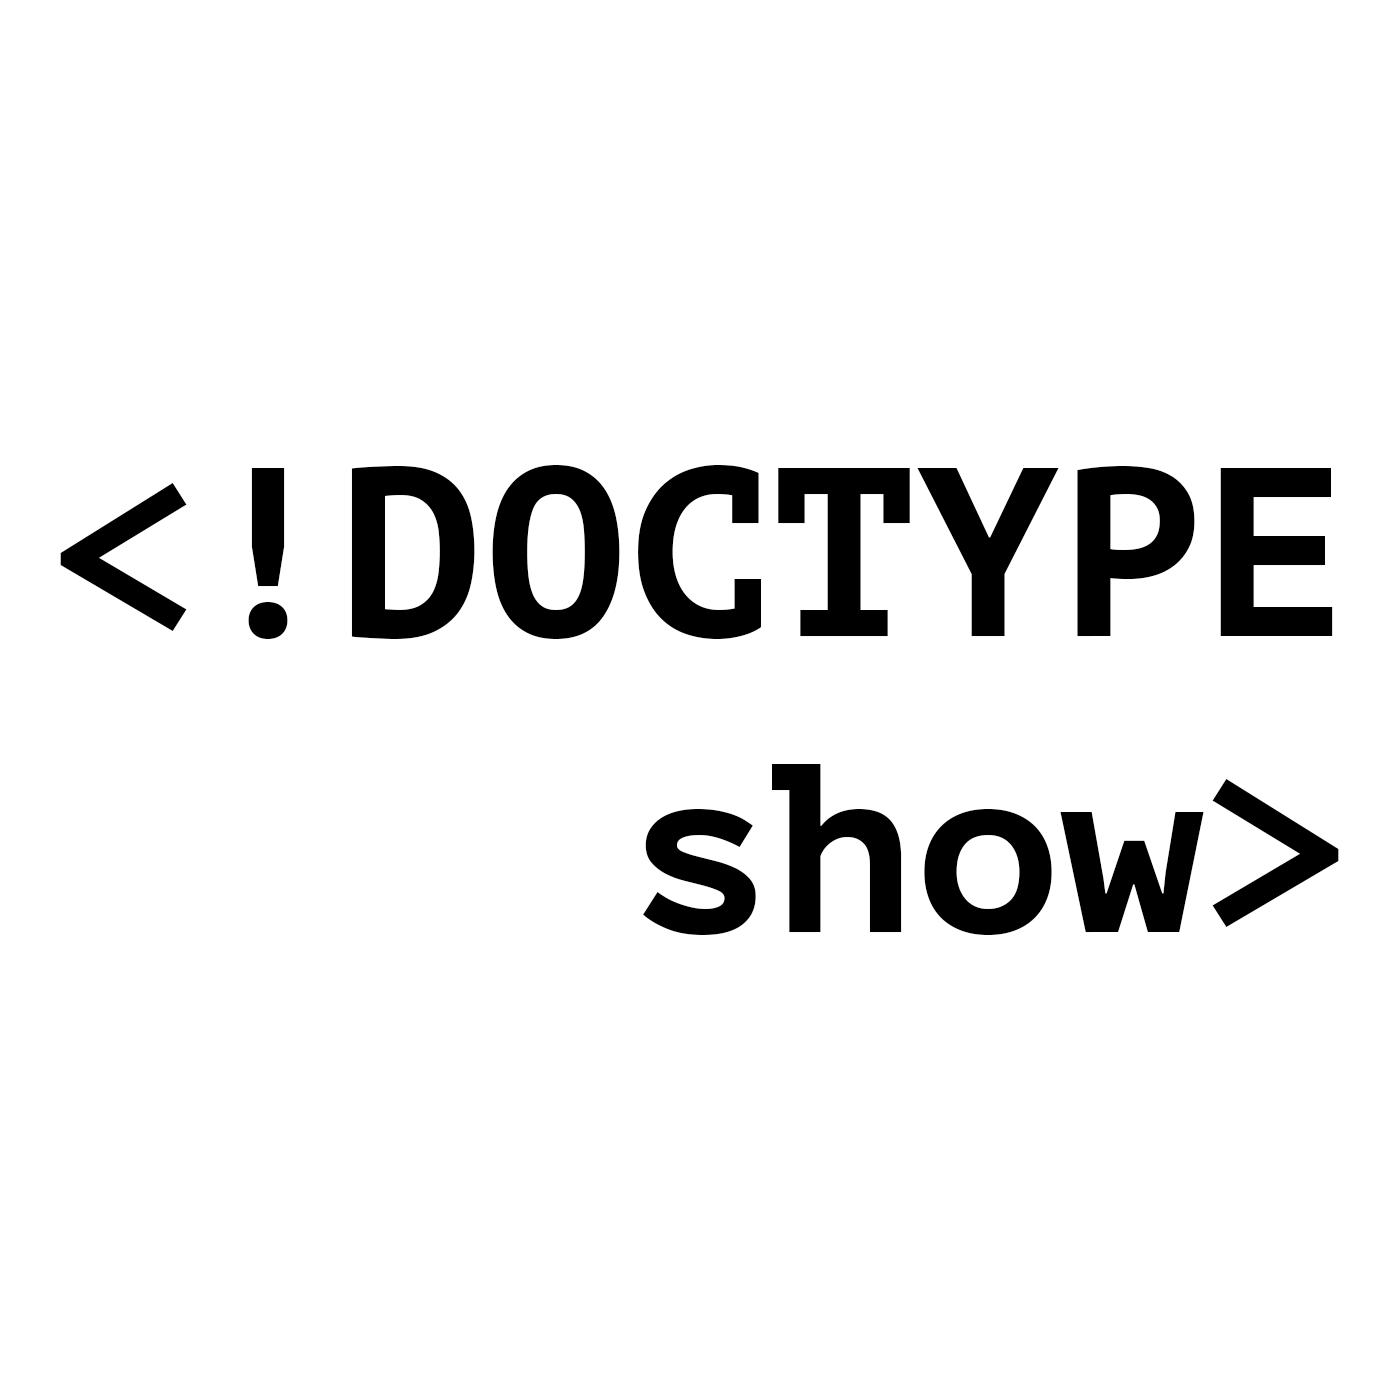 DoctypeShow